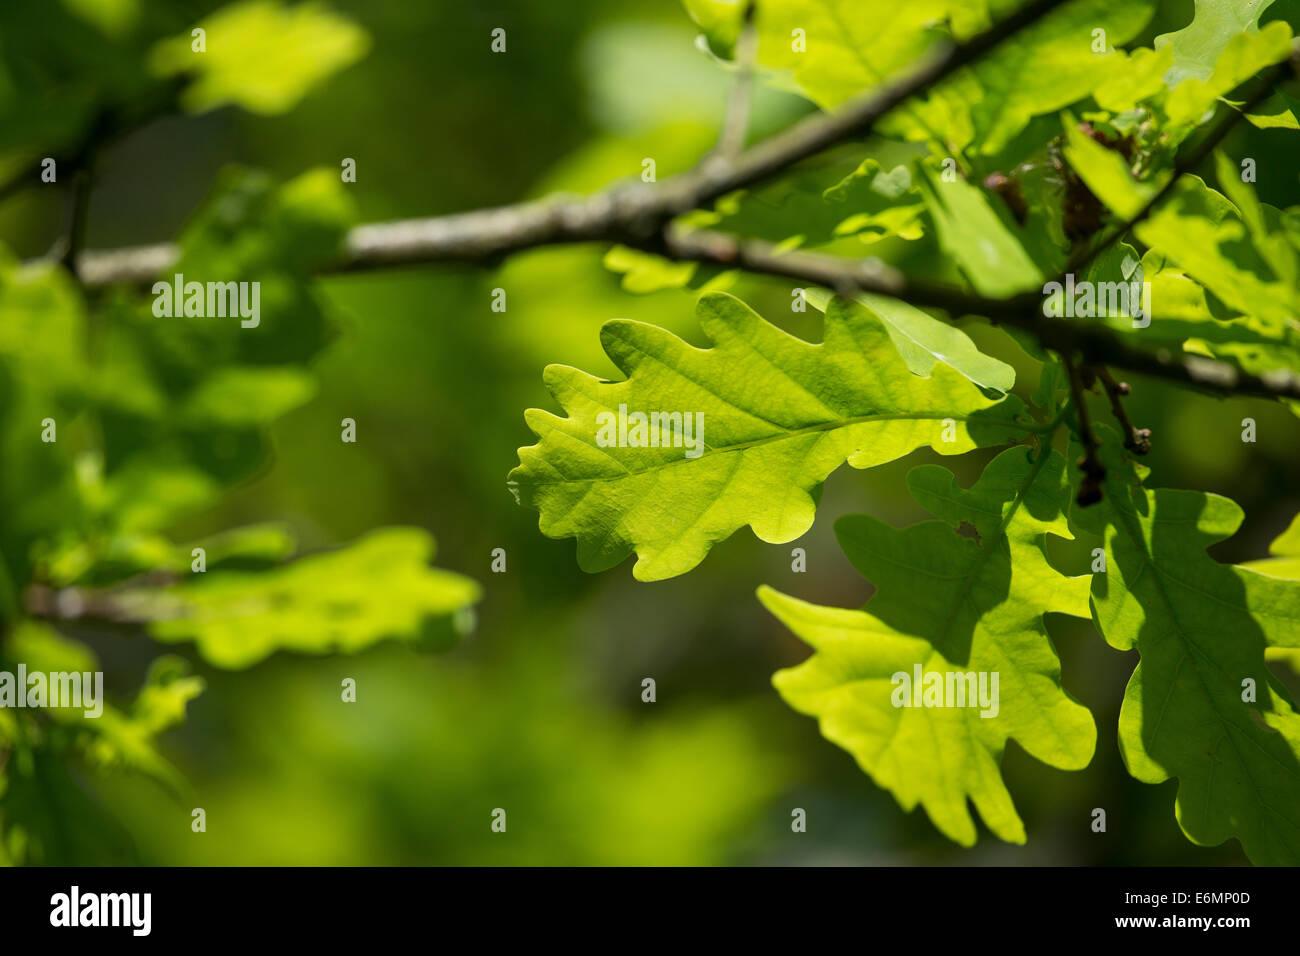 English Oak, oaks, leaf, leaves, Eichenlaub, Eichenblatt, Eichenblätter, Stiel-Eiche, Eichen, Stieleiche, Eiche, - Stock Image